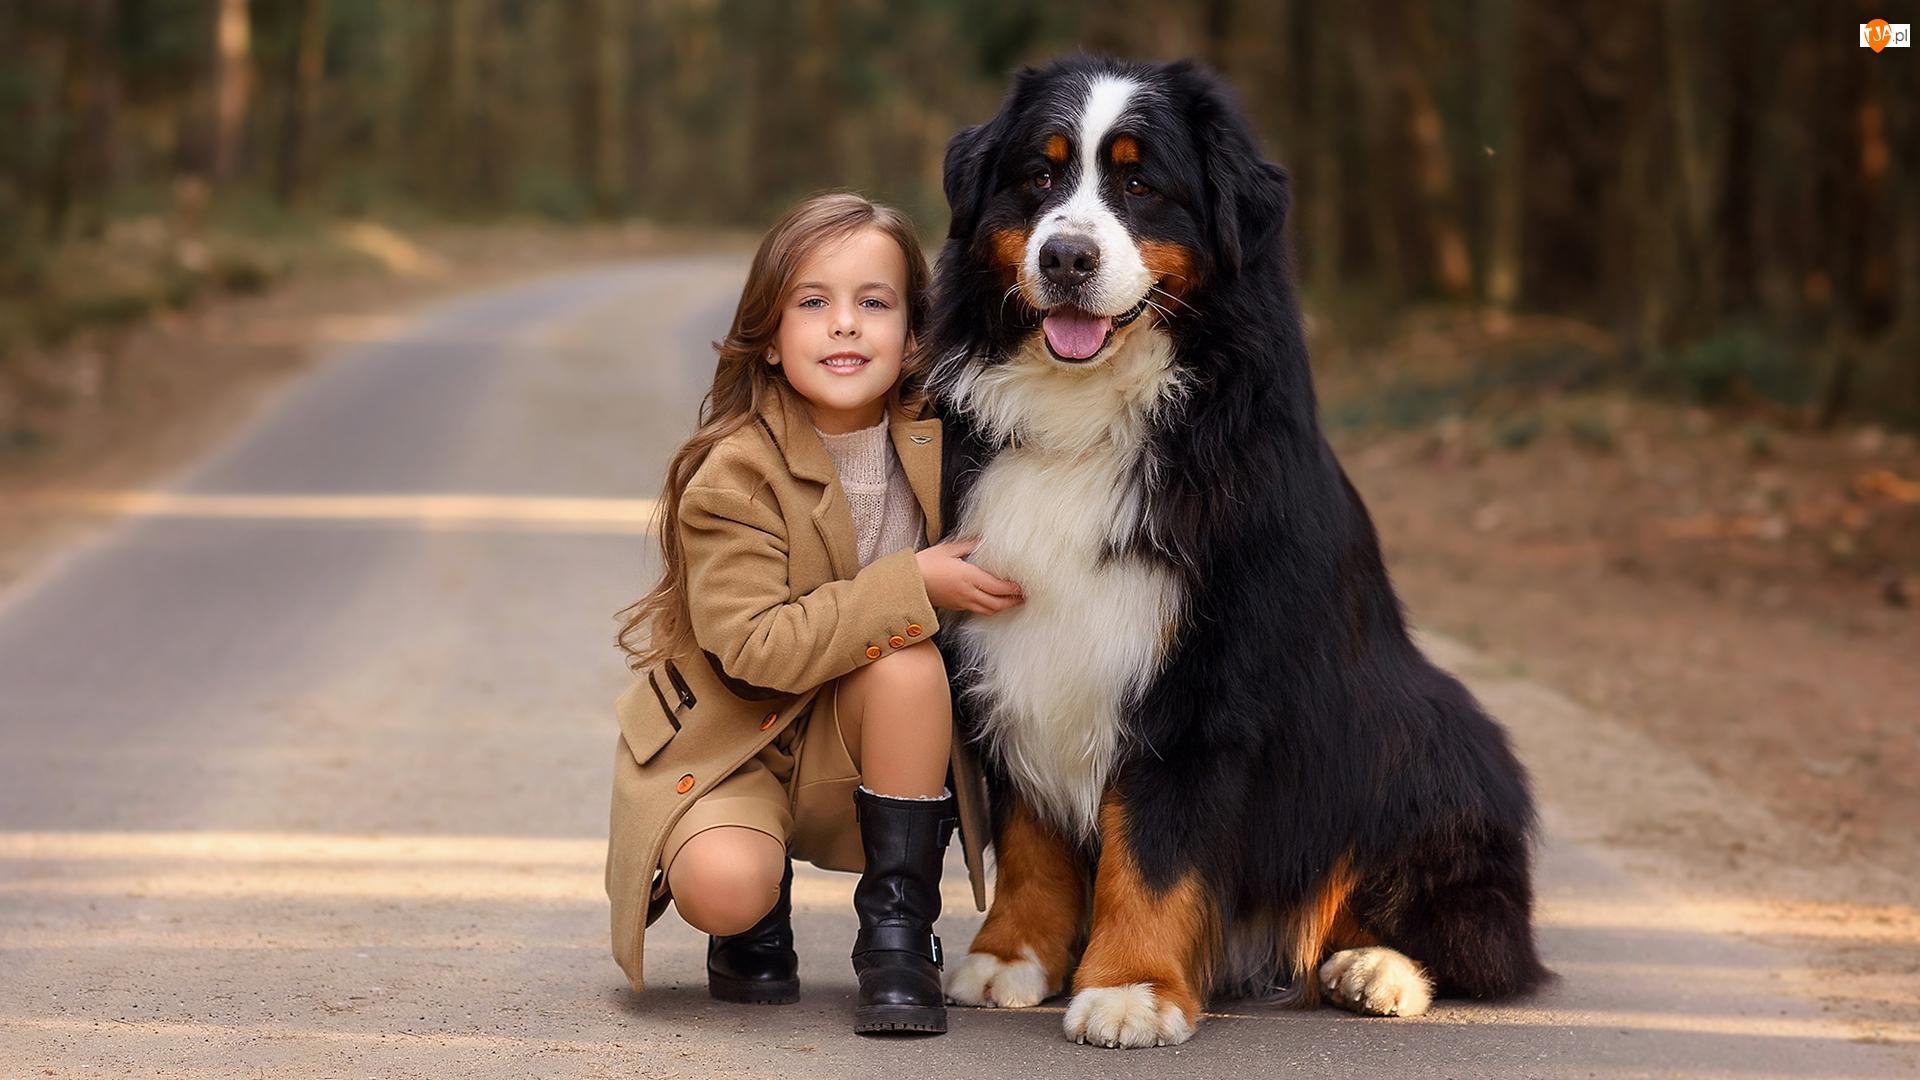 Drzewa, Dziewczynka, Berneński pies pasterski, Droga